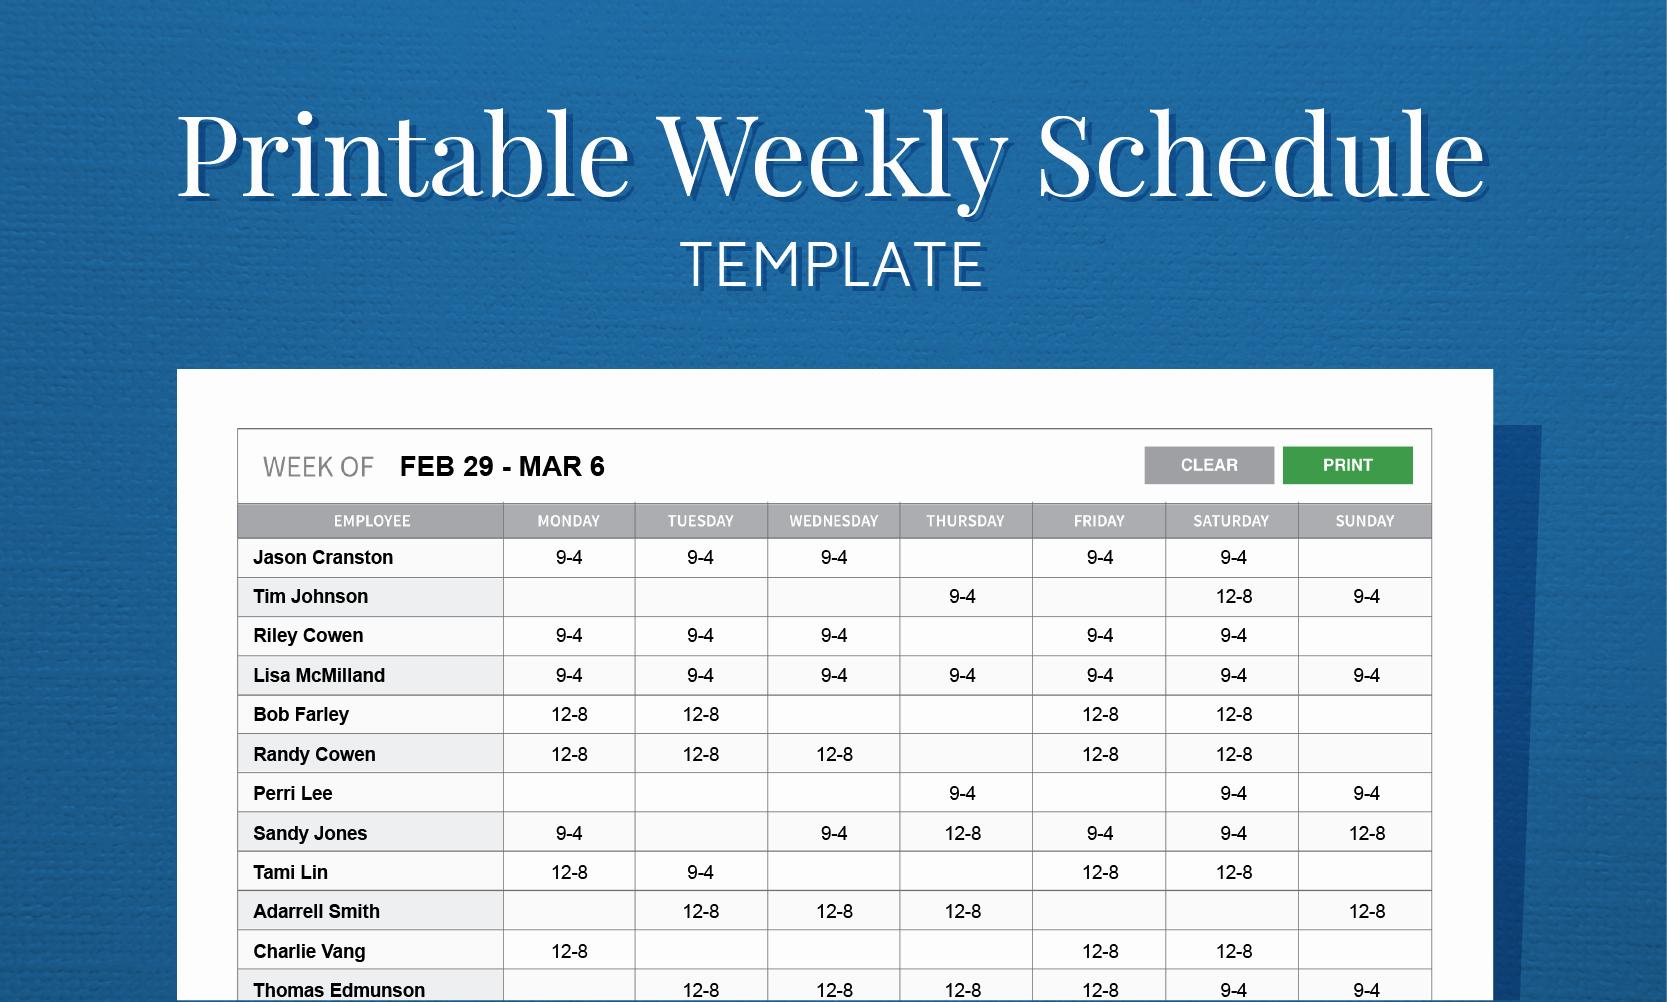 Employee Monthly Work Schedule Template Best Of Free Printable Weekly Work Schedule Template for Employee